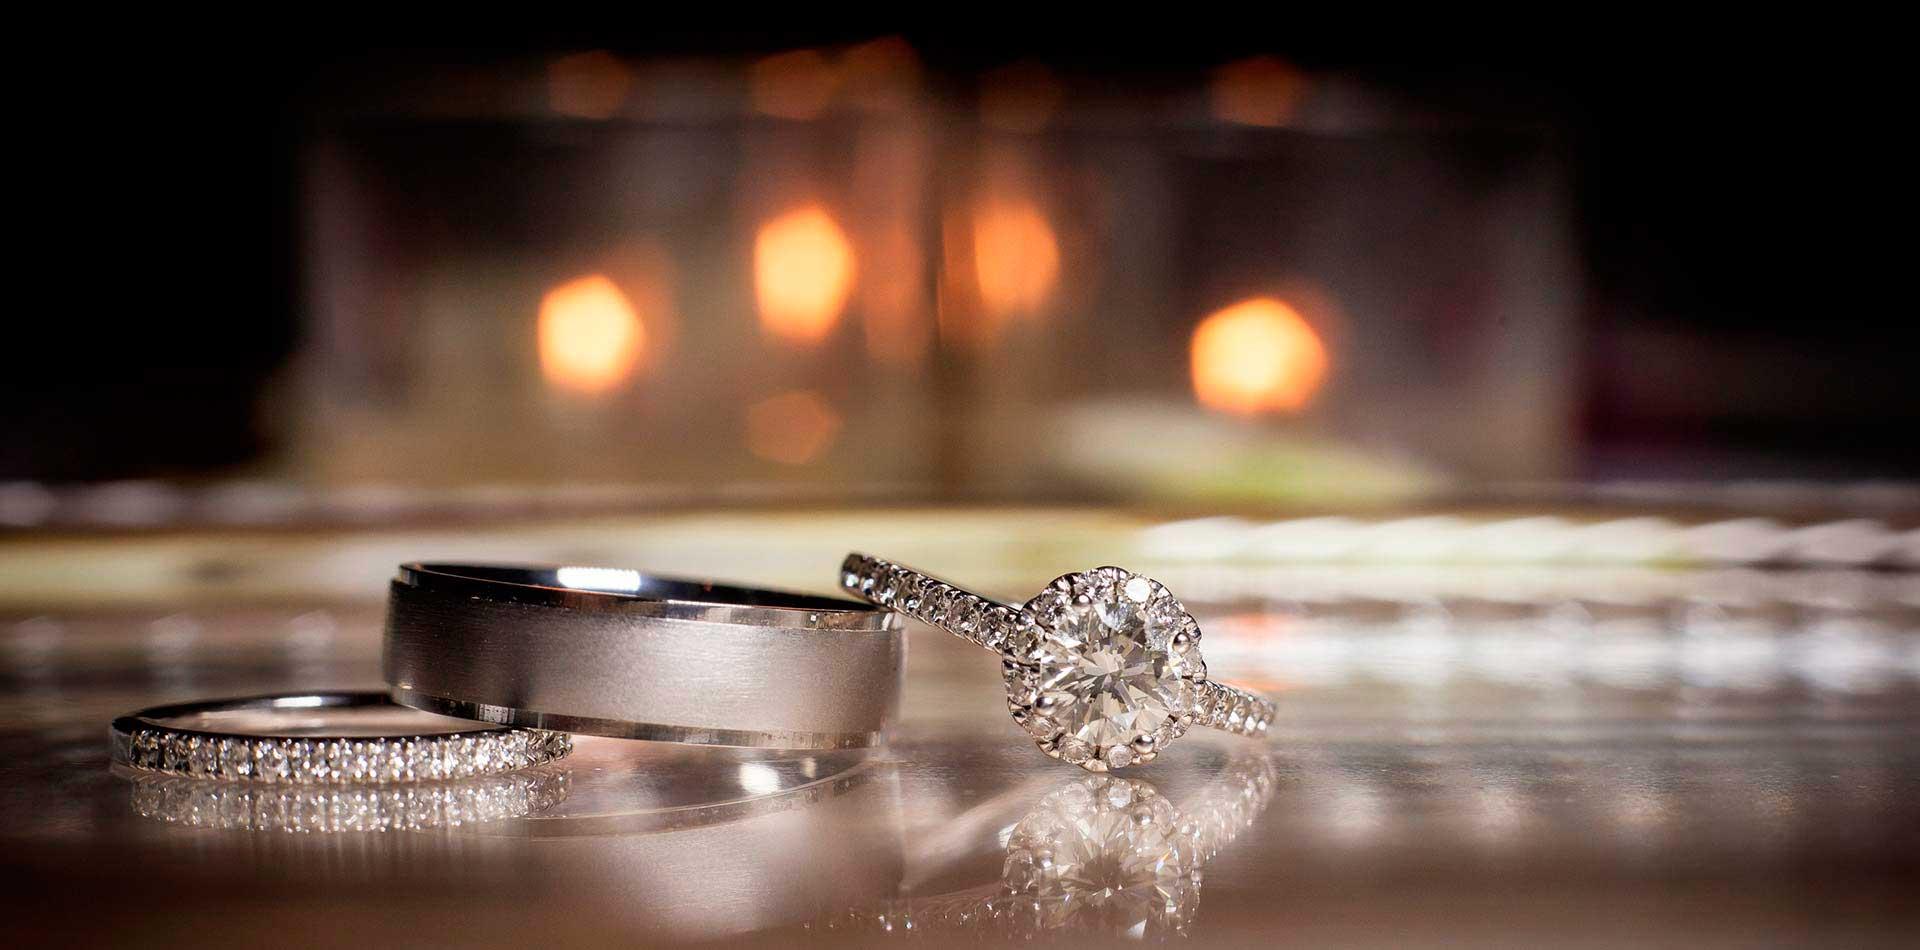 Joaillerie à Biarritz Pays basque, Diamants Jewellers